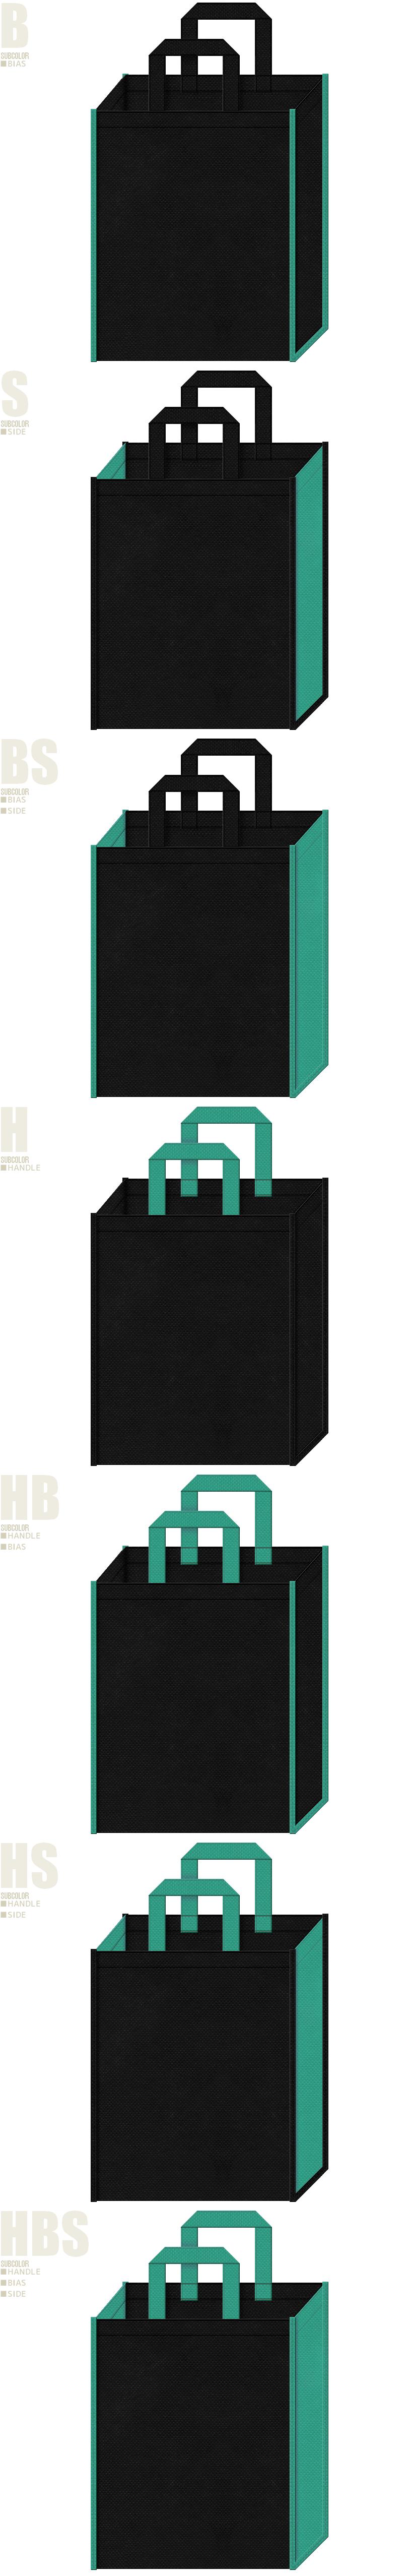 ウィッグ・コスプレイベント・ユニフォーム・運動靴・アウトドア・スポーツイベント・スポーティーファッション・スポーツ用品・カー用品の展示会用バッグにお奨めの不織布バッグデザイン:黒色と青緑色の不織布バッグ配色7パターン